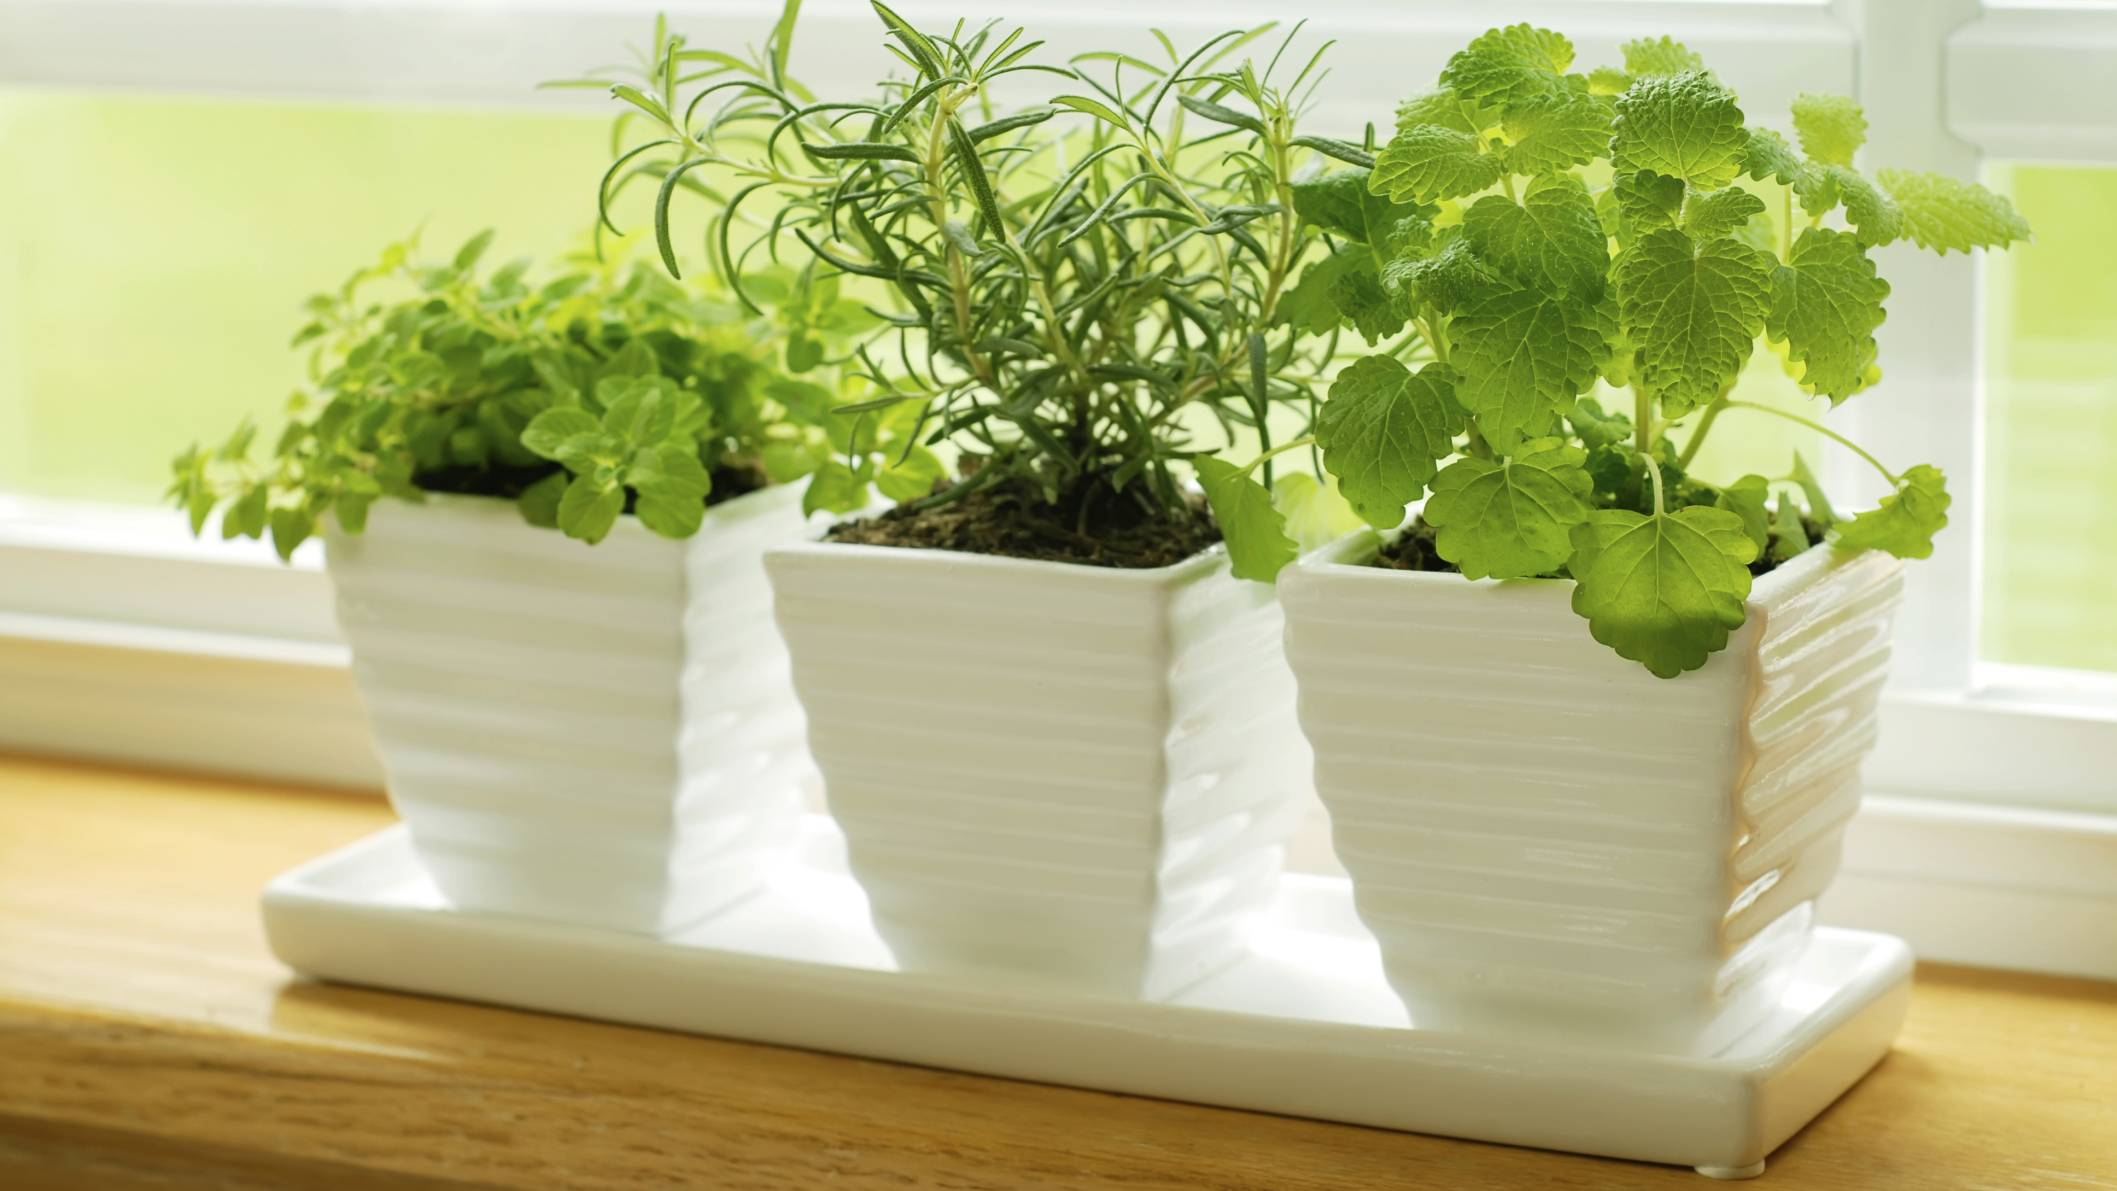 Как и какую зелень можно выращивать дома на подоконнике круглый год (зимой): советы для начинающих